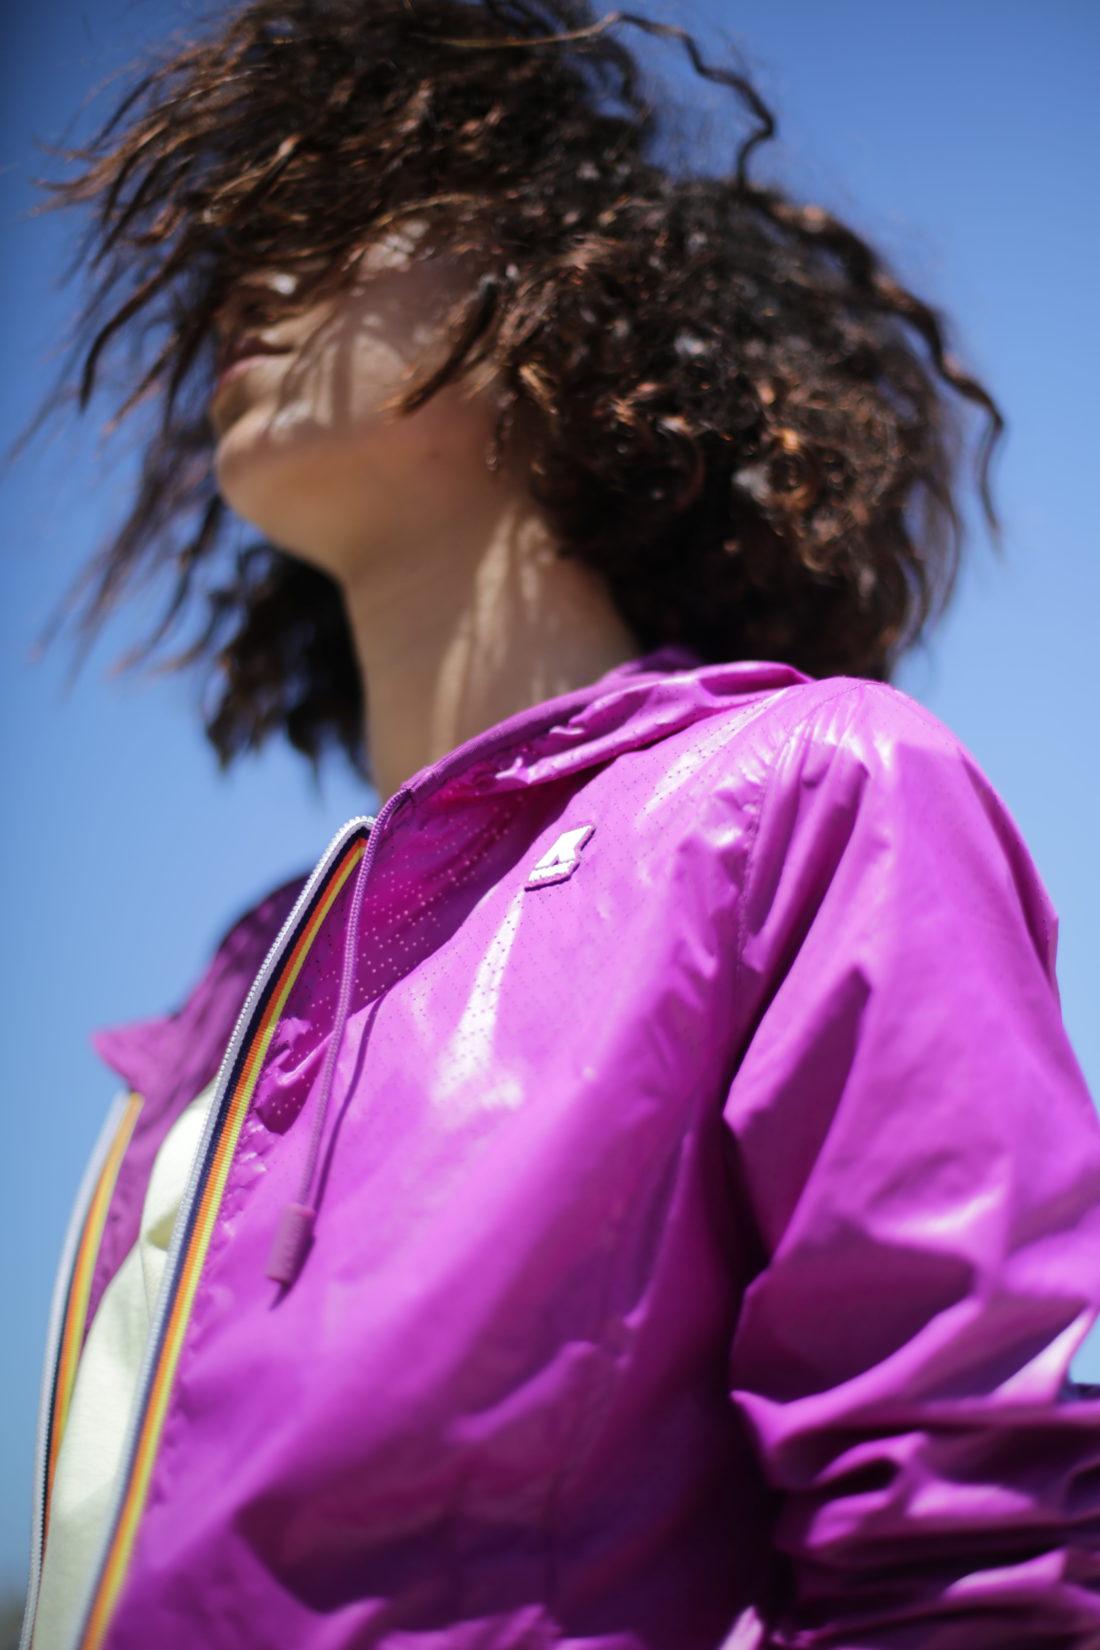 purple jacket Kway boucle naturel effet beach texture coiffure studio